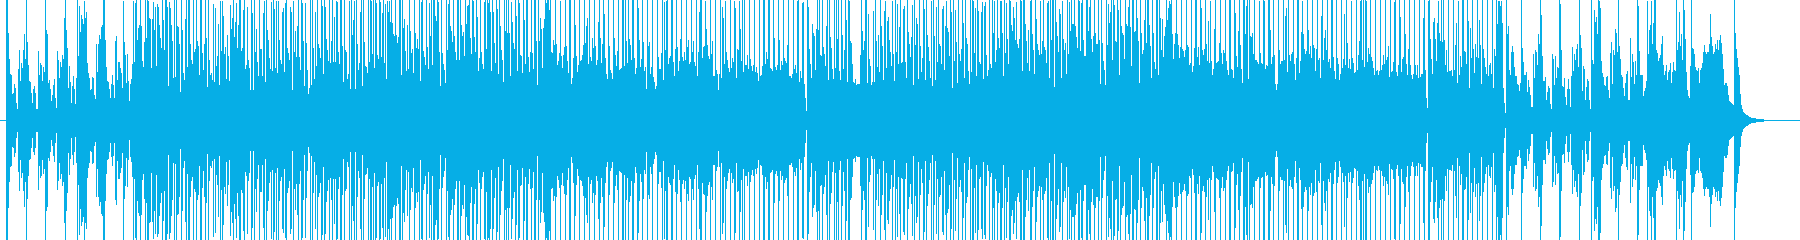 リズム&ブルース風のご機嫌なソングの再生済みの波形